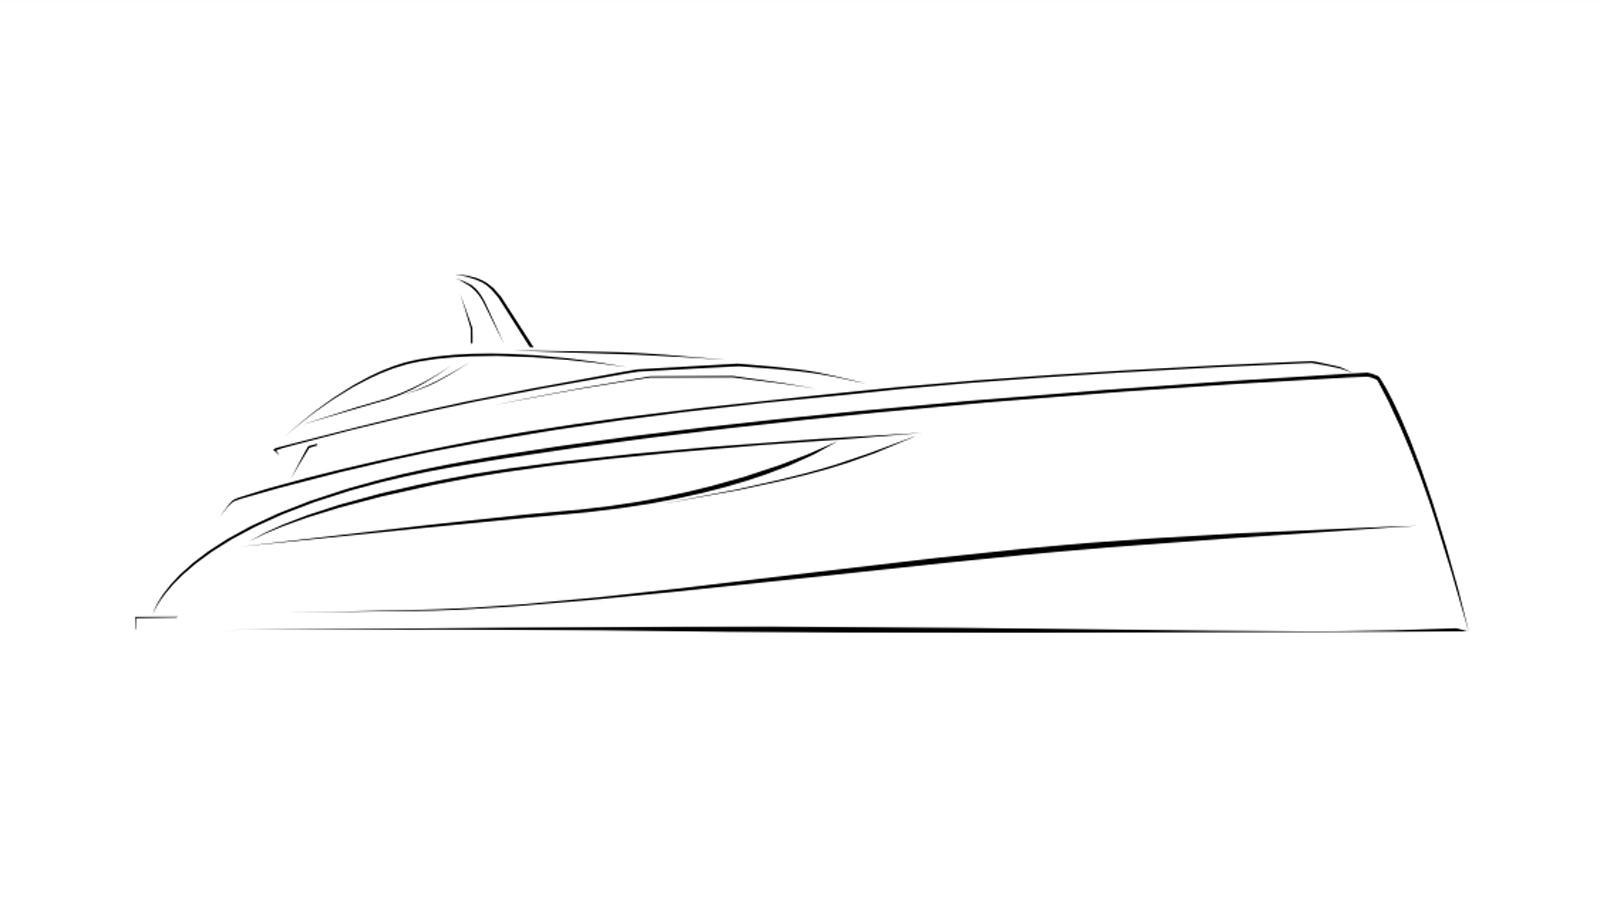 nobiskrug 77m motoryacht 2021 rendering